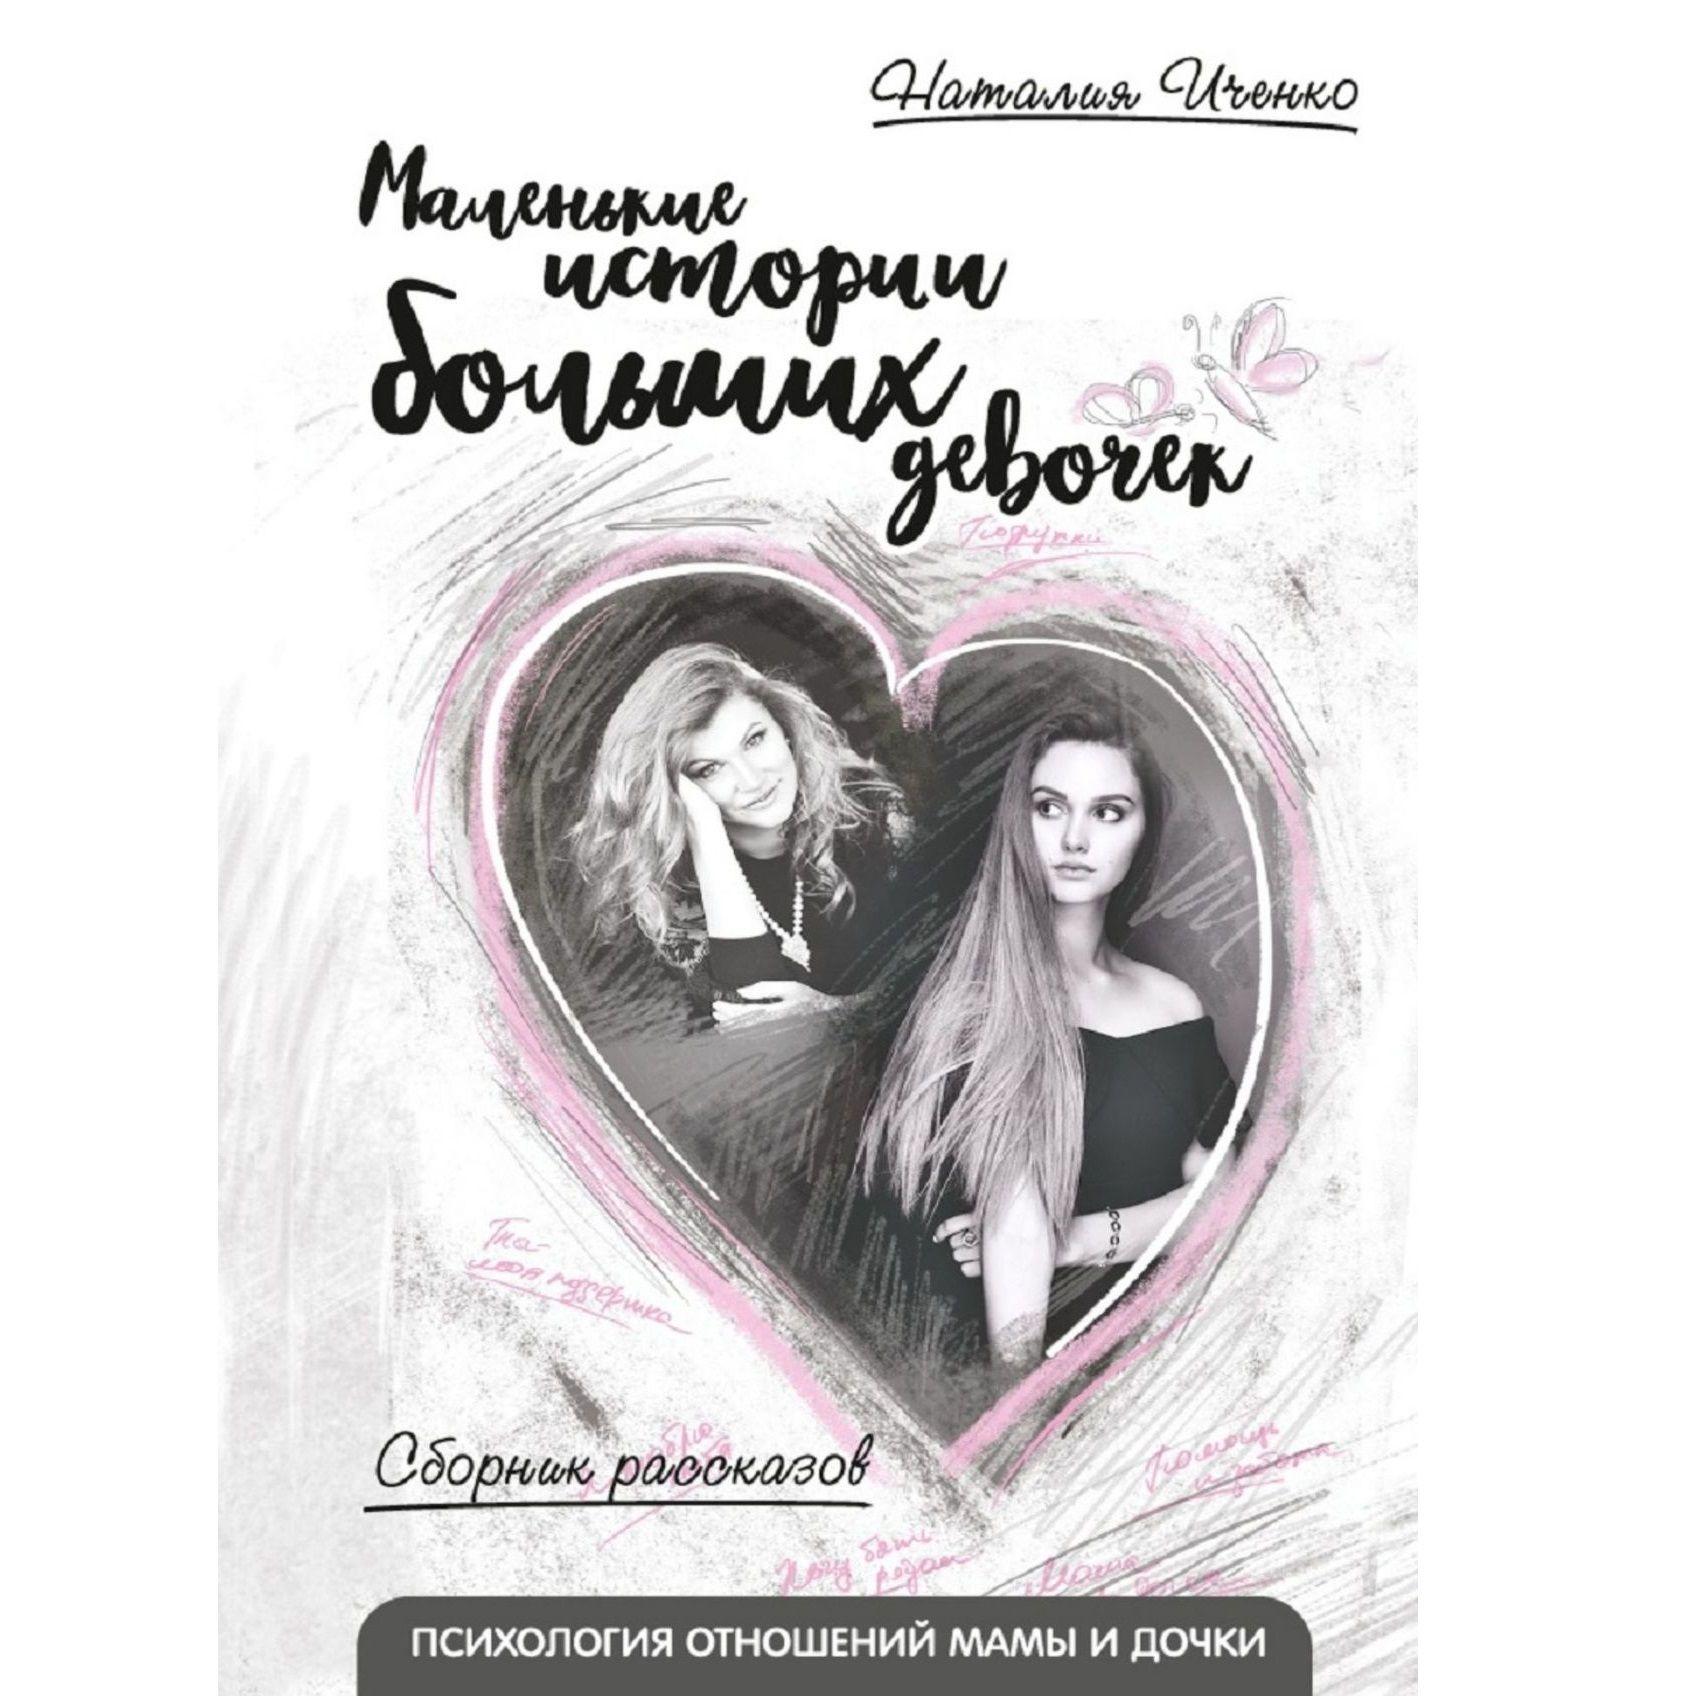 Купить книгу Маленькие истории больших девочек, автора Наталии Александровны Иченко